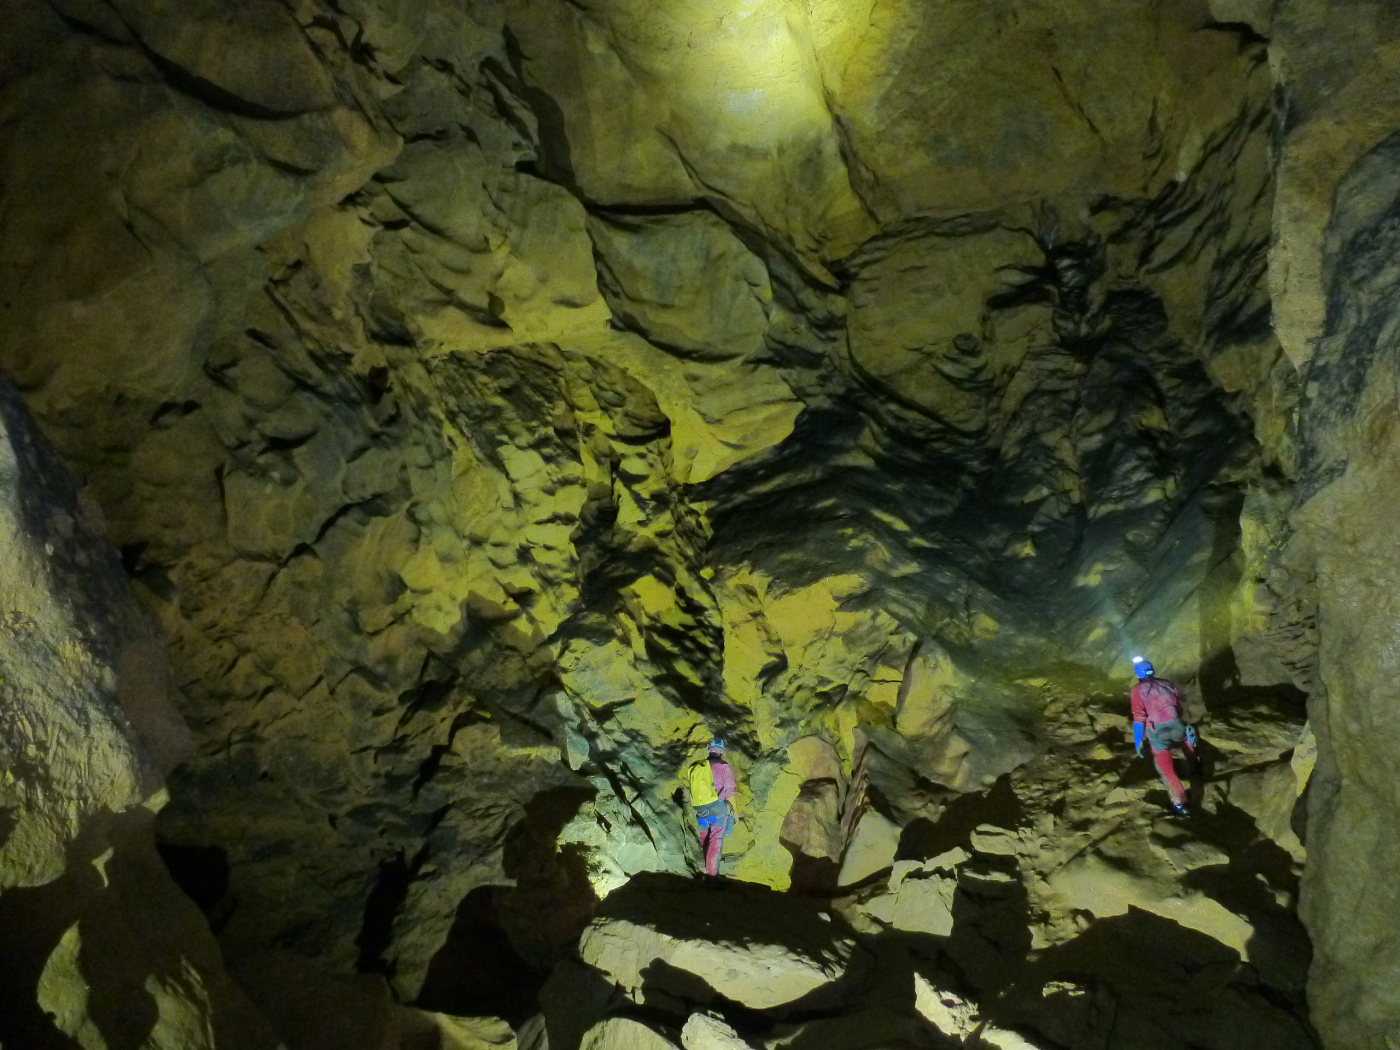 Grotte de Jujurieux